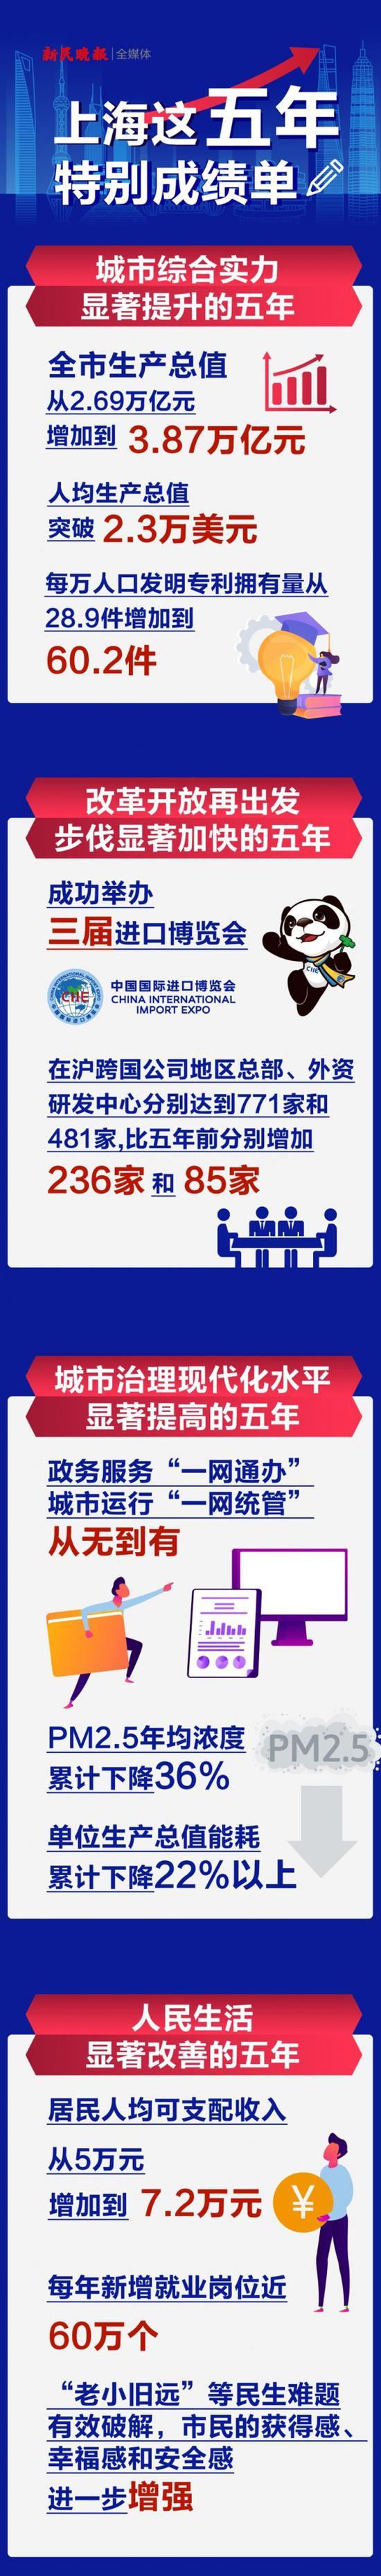 @上海人 这里有二张2020年的尤其成绩单 请打印!